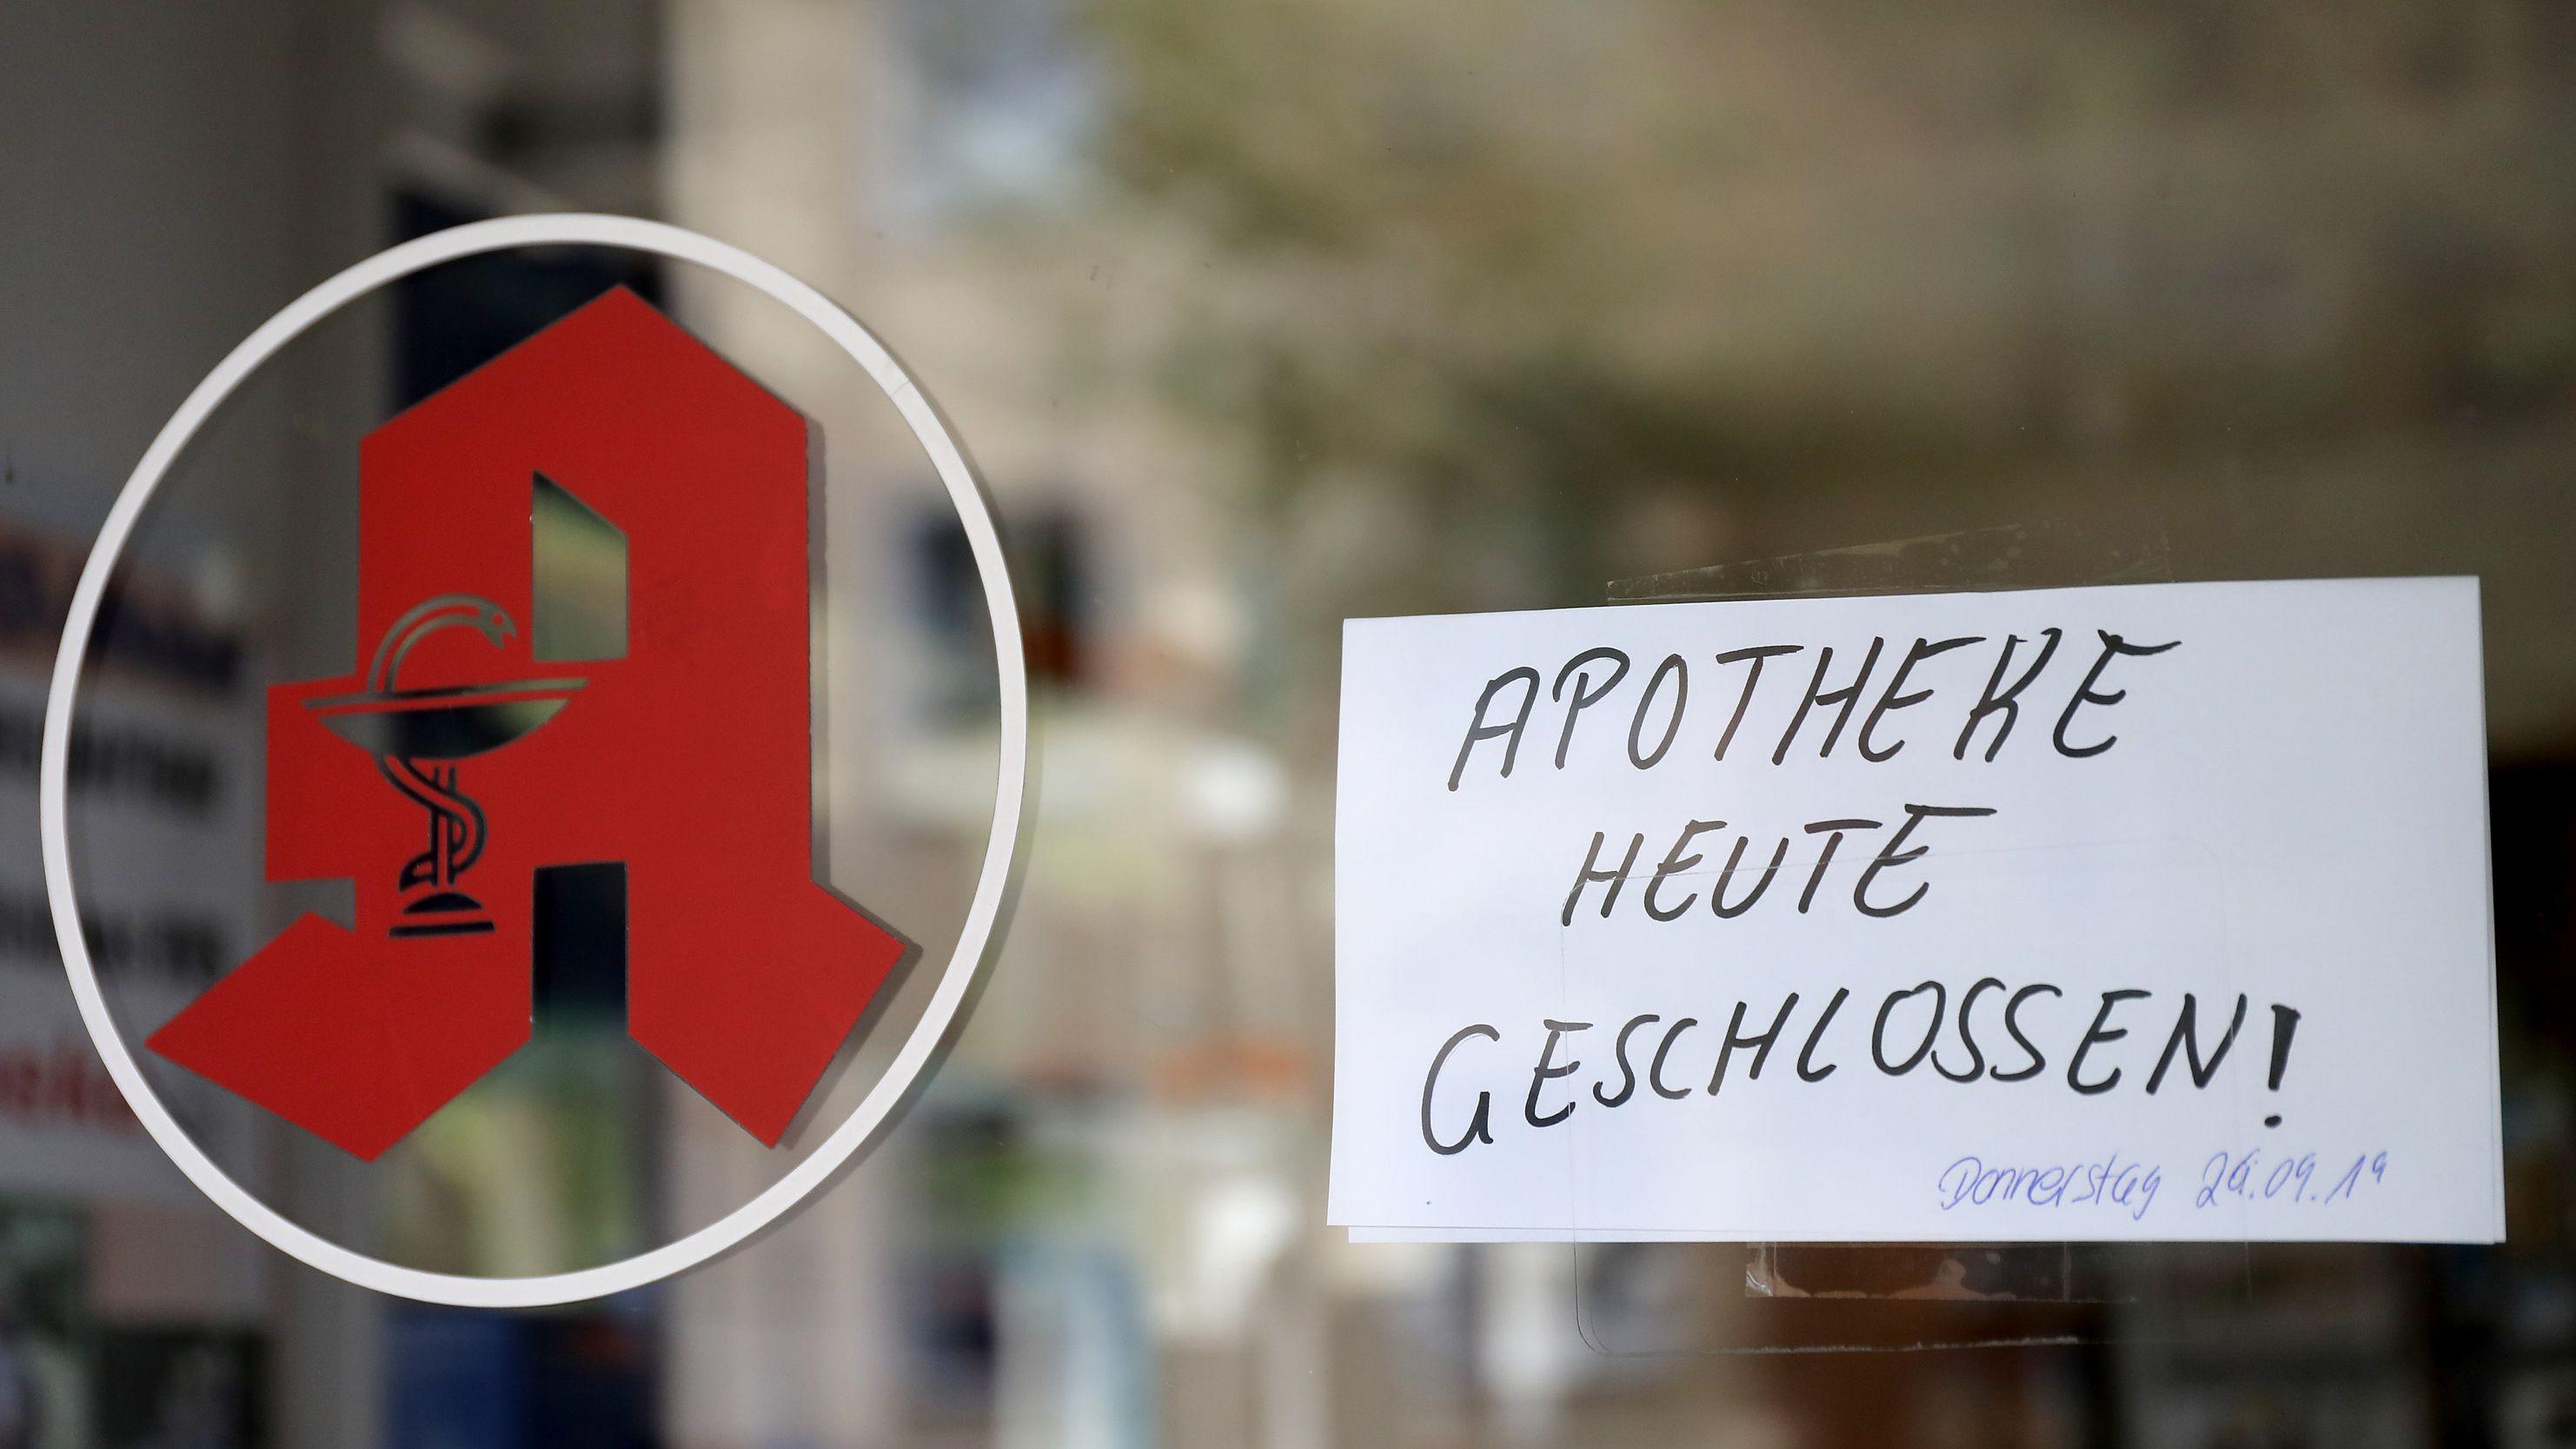 Nach zwei Todesfällen durch eine vergiftete Arznei haben die Behörden die sofortige Schließung von drei Apotheken in Köln angeordnet.